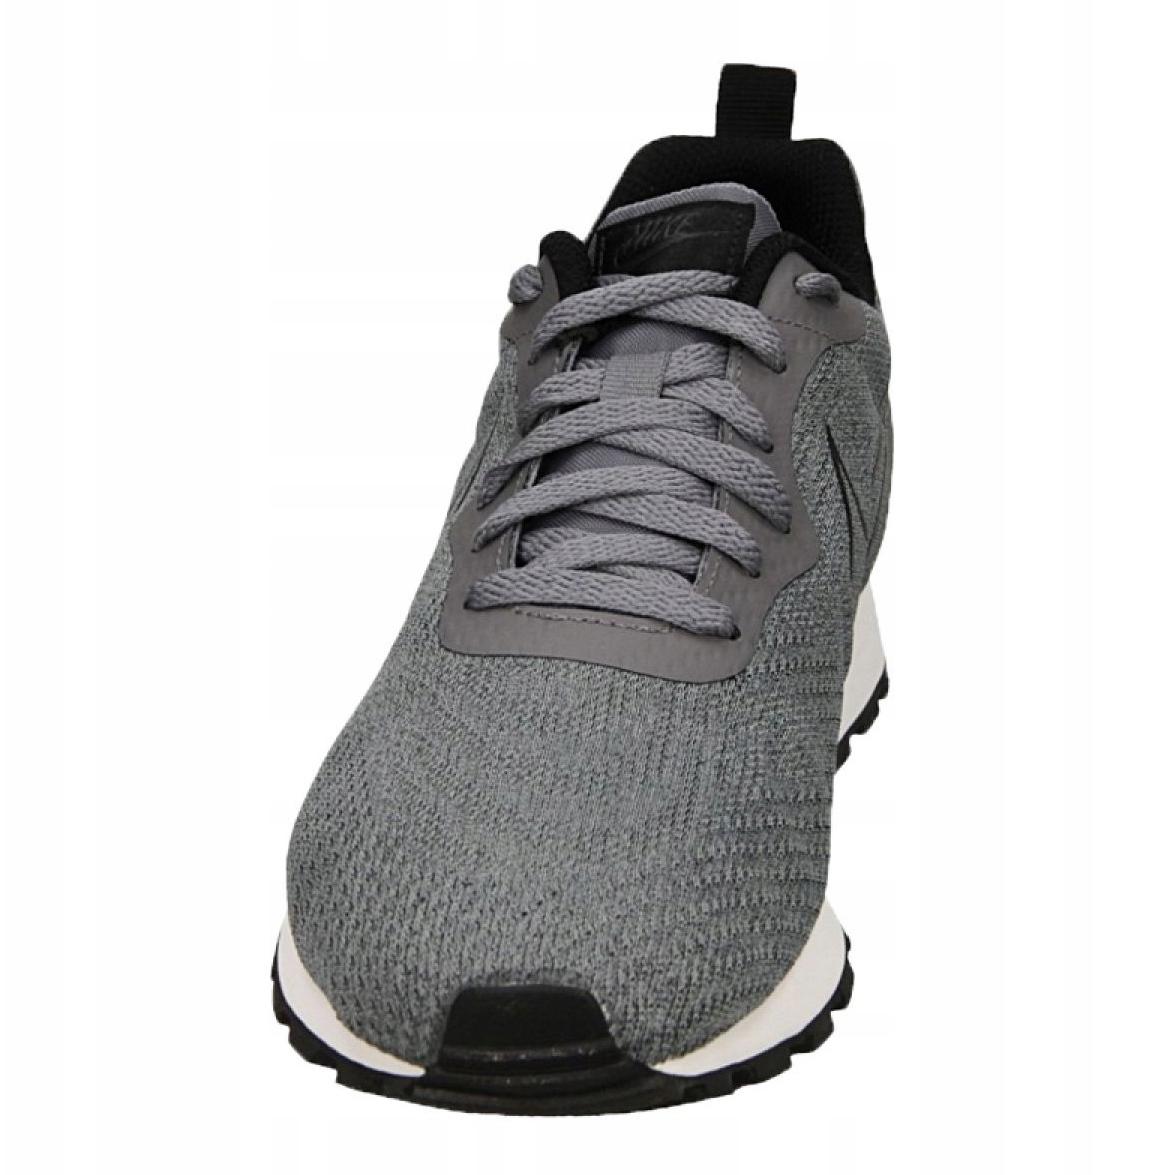 Sapatilhas Nike Md Runner 2 Eng Mesh M 916774 001 cinza